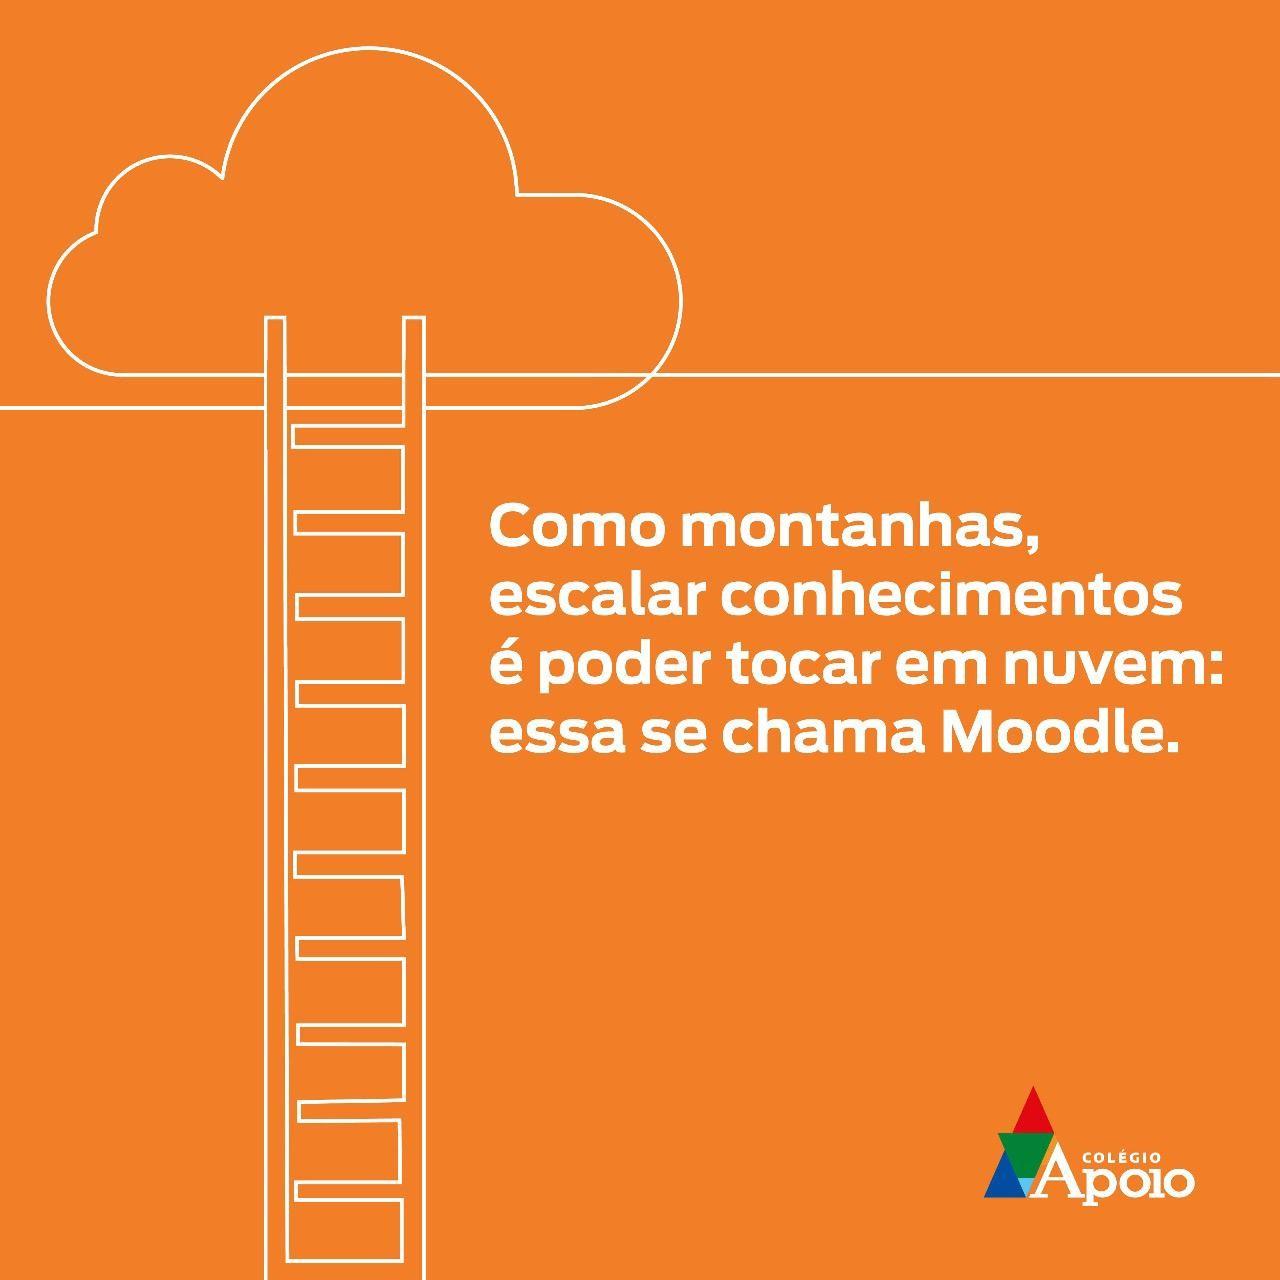 Como montanhas, escalar conhecimentos é poder tocar em nuvem: essa se chama Moodle